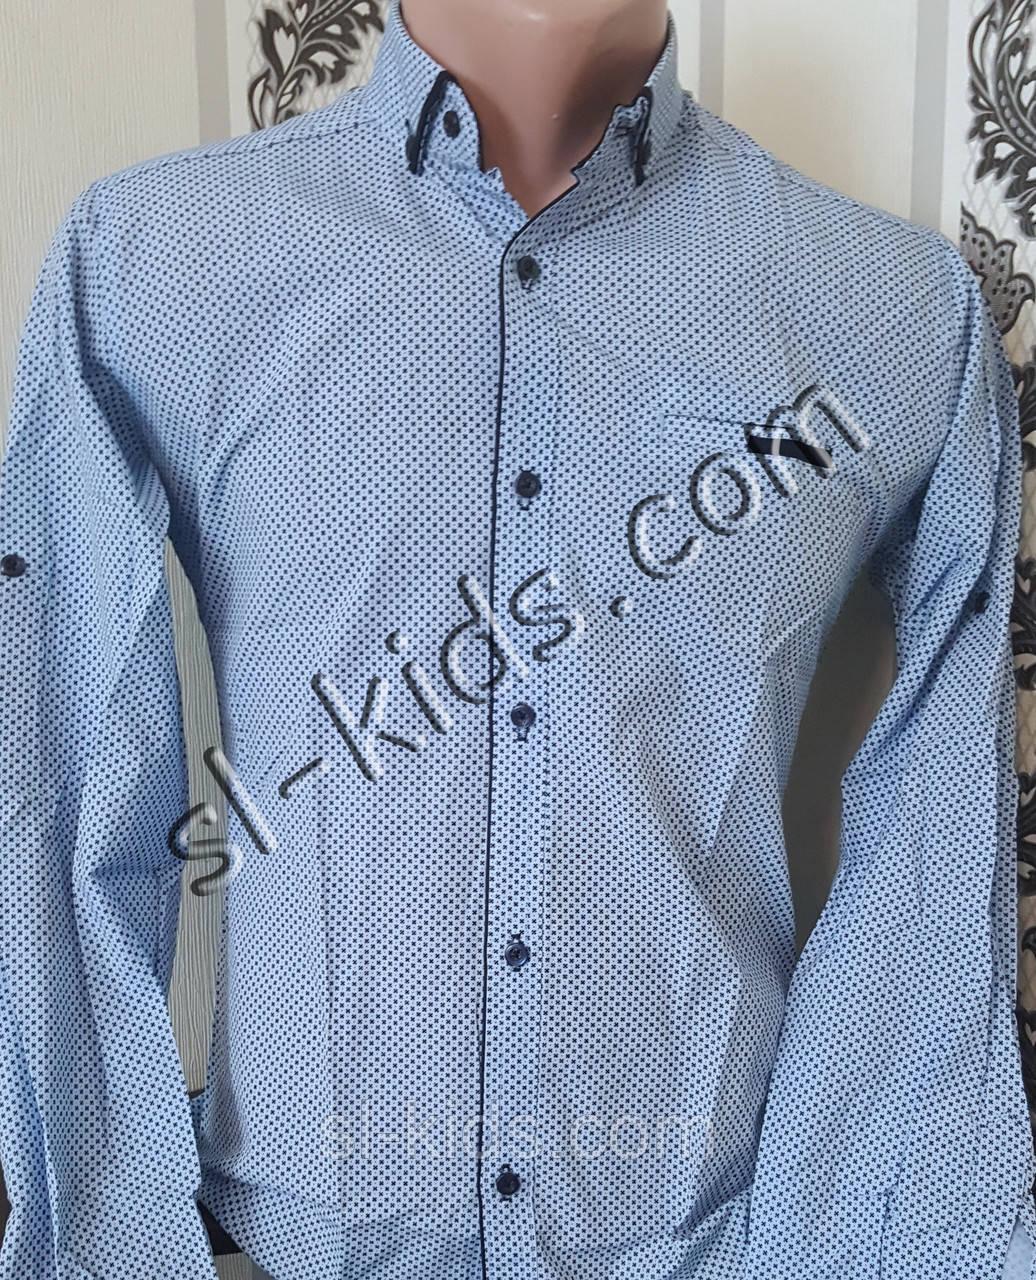 Стильная рубашка для мальчика 11-15 лет(розн) (1806) (пр. Турция)